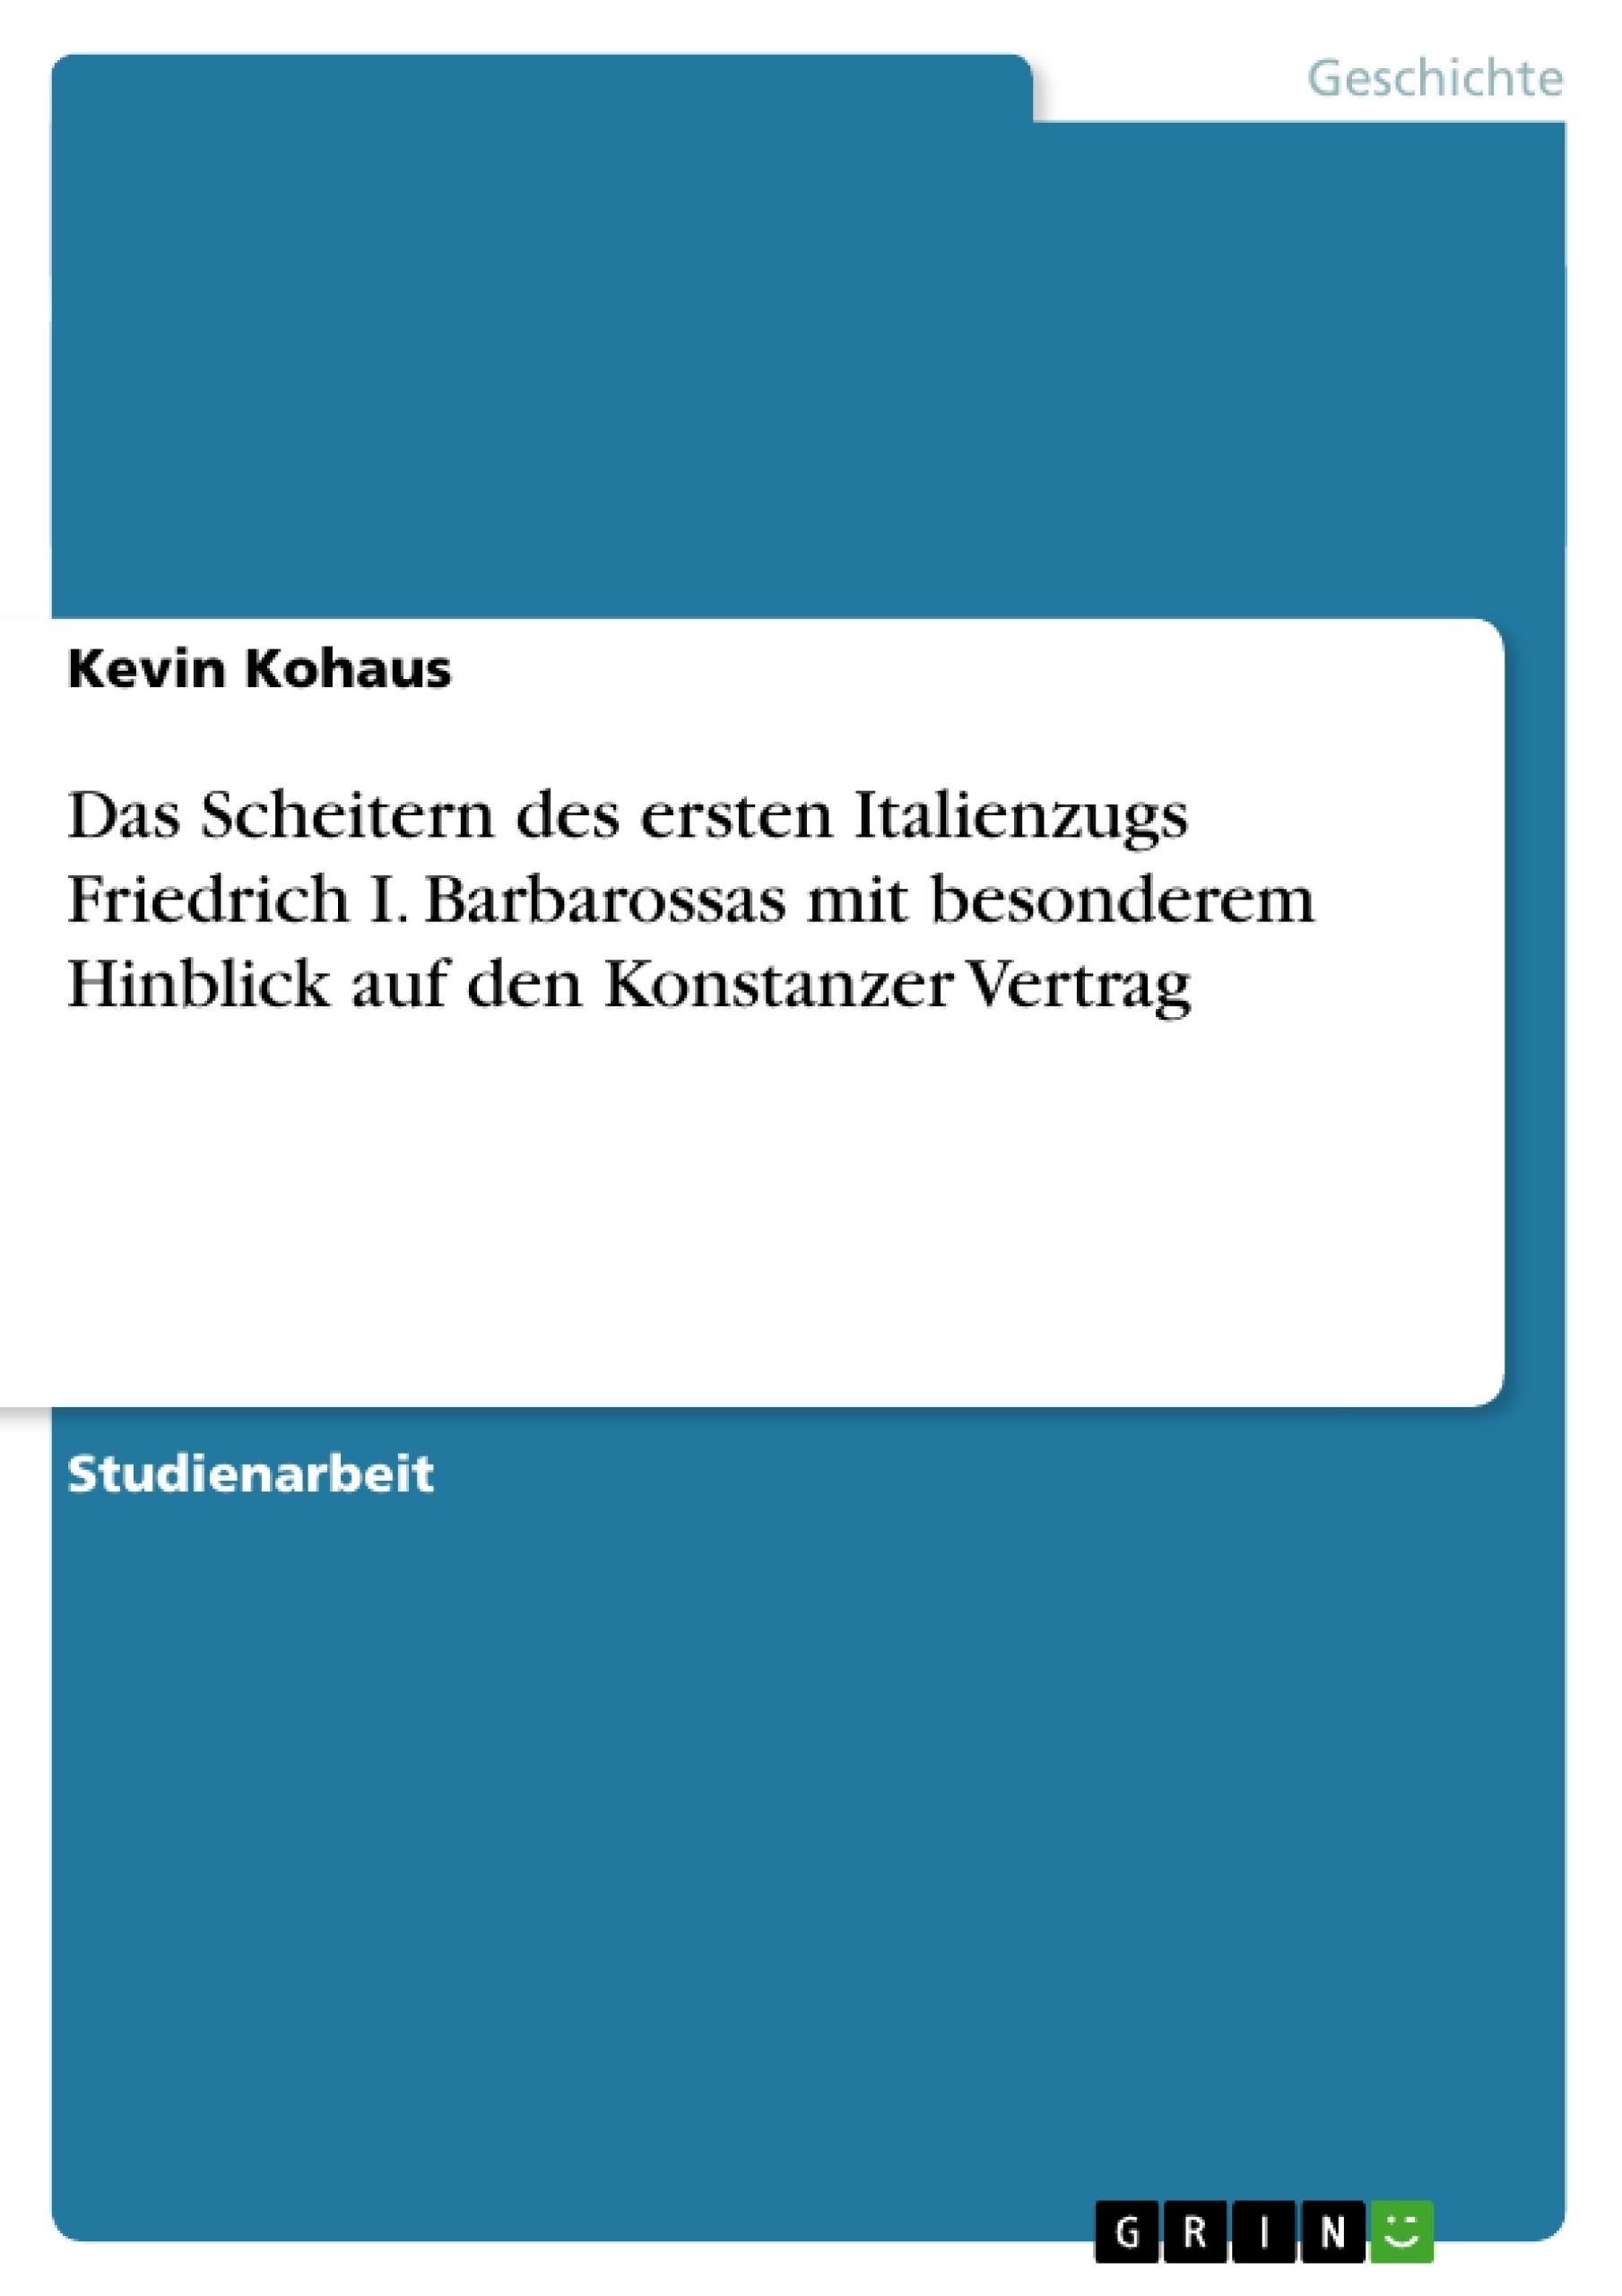 Titel: Das Scheitern des ersten Italienzugs Friedrich I. Barbarossas mit besonderem Hinblick auf den Konstanzer Vertrag